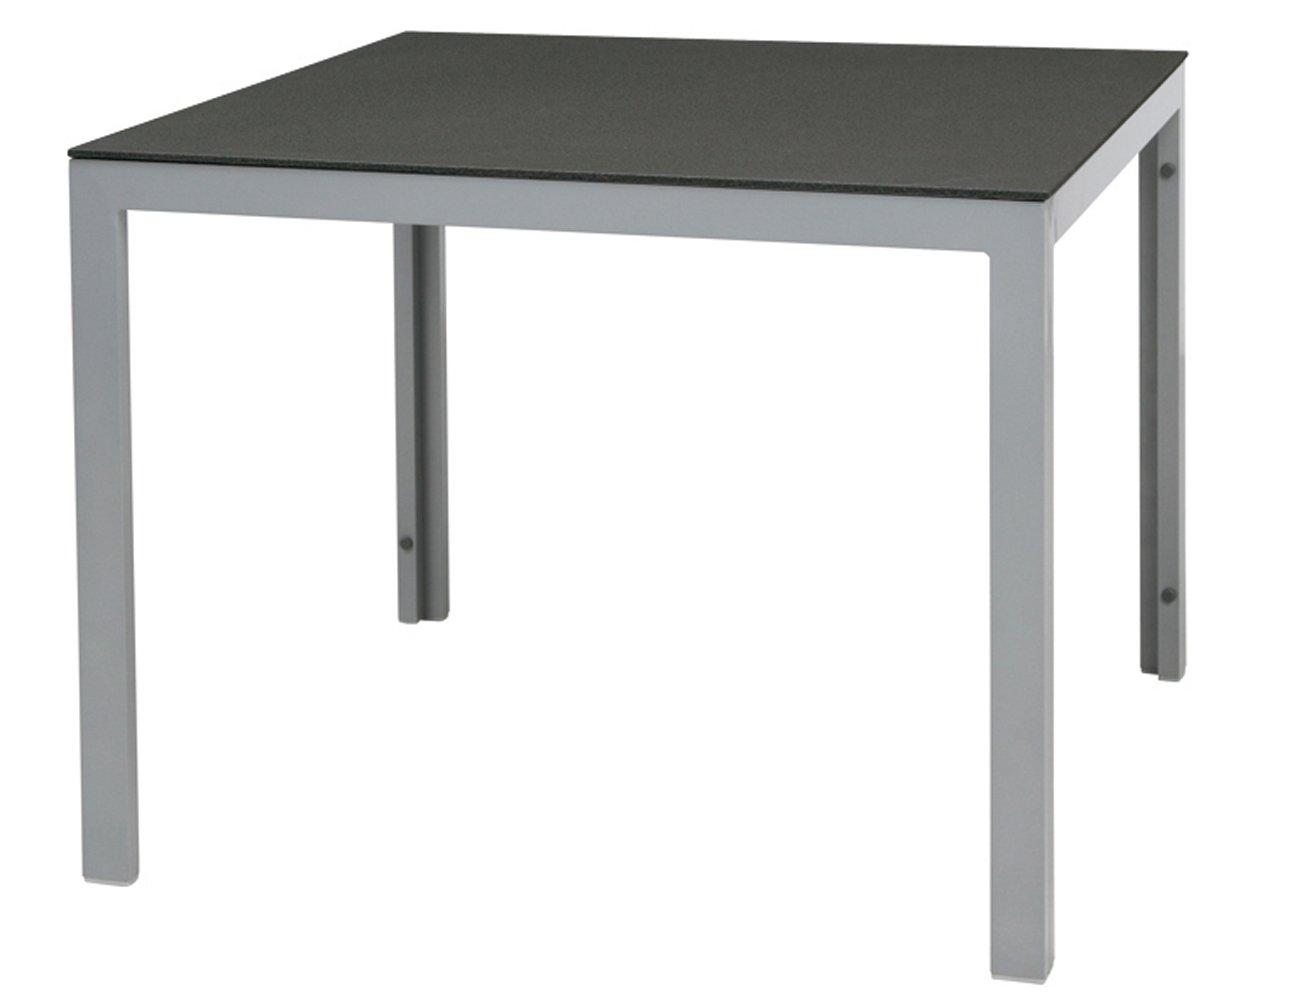 Siena Garden 801152 Tisch Concord, Aluminiumgestell silber, Tischplatte Spraystone anthrazit, 95 x 95 x 75 cm online kaufen